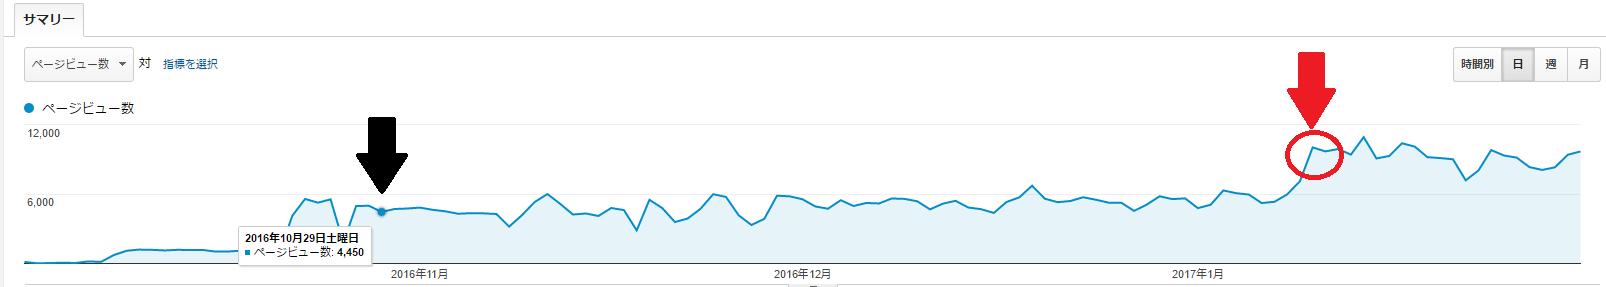 100記事達成後のブログアクセス数の変化